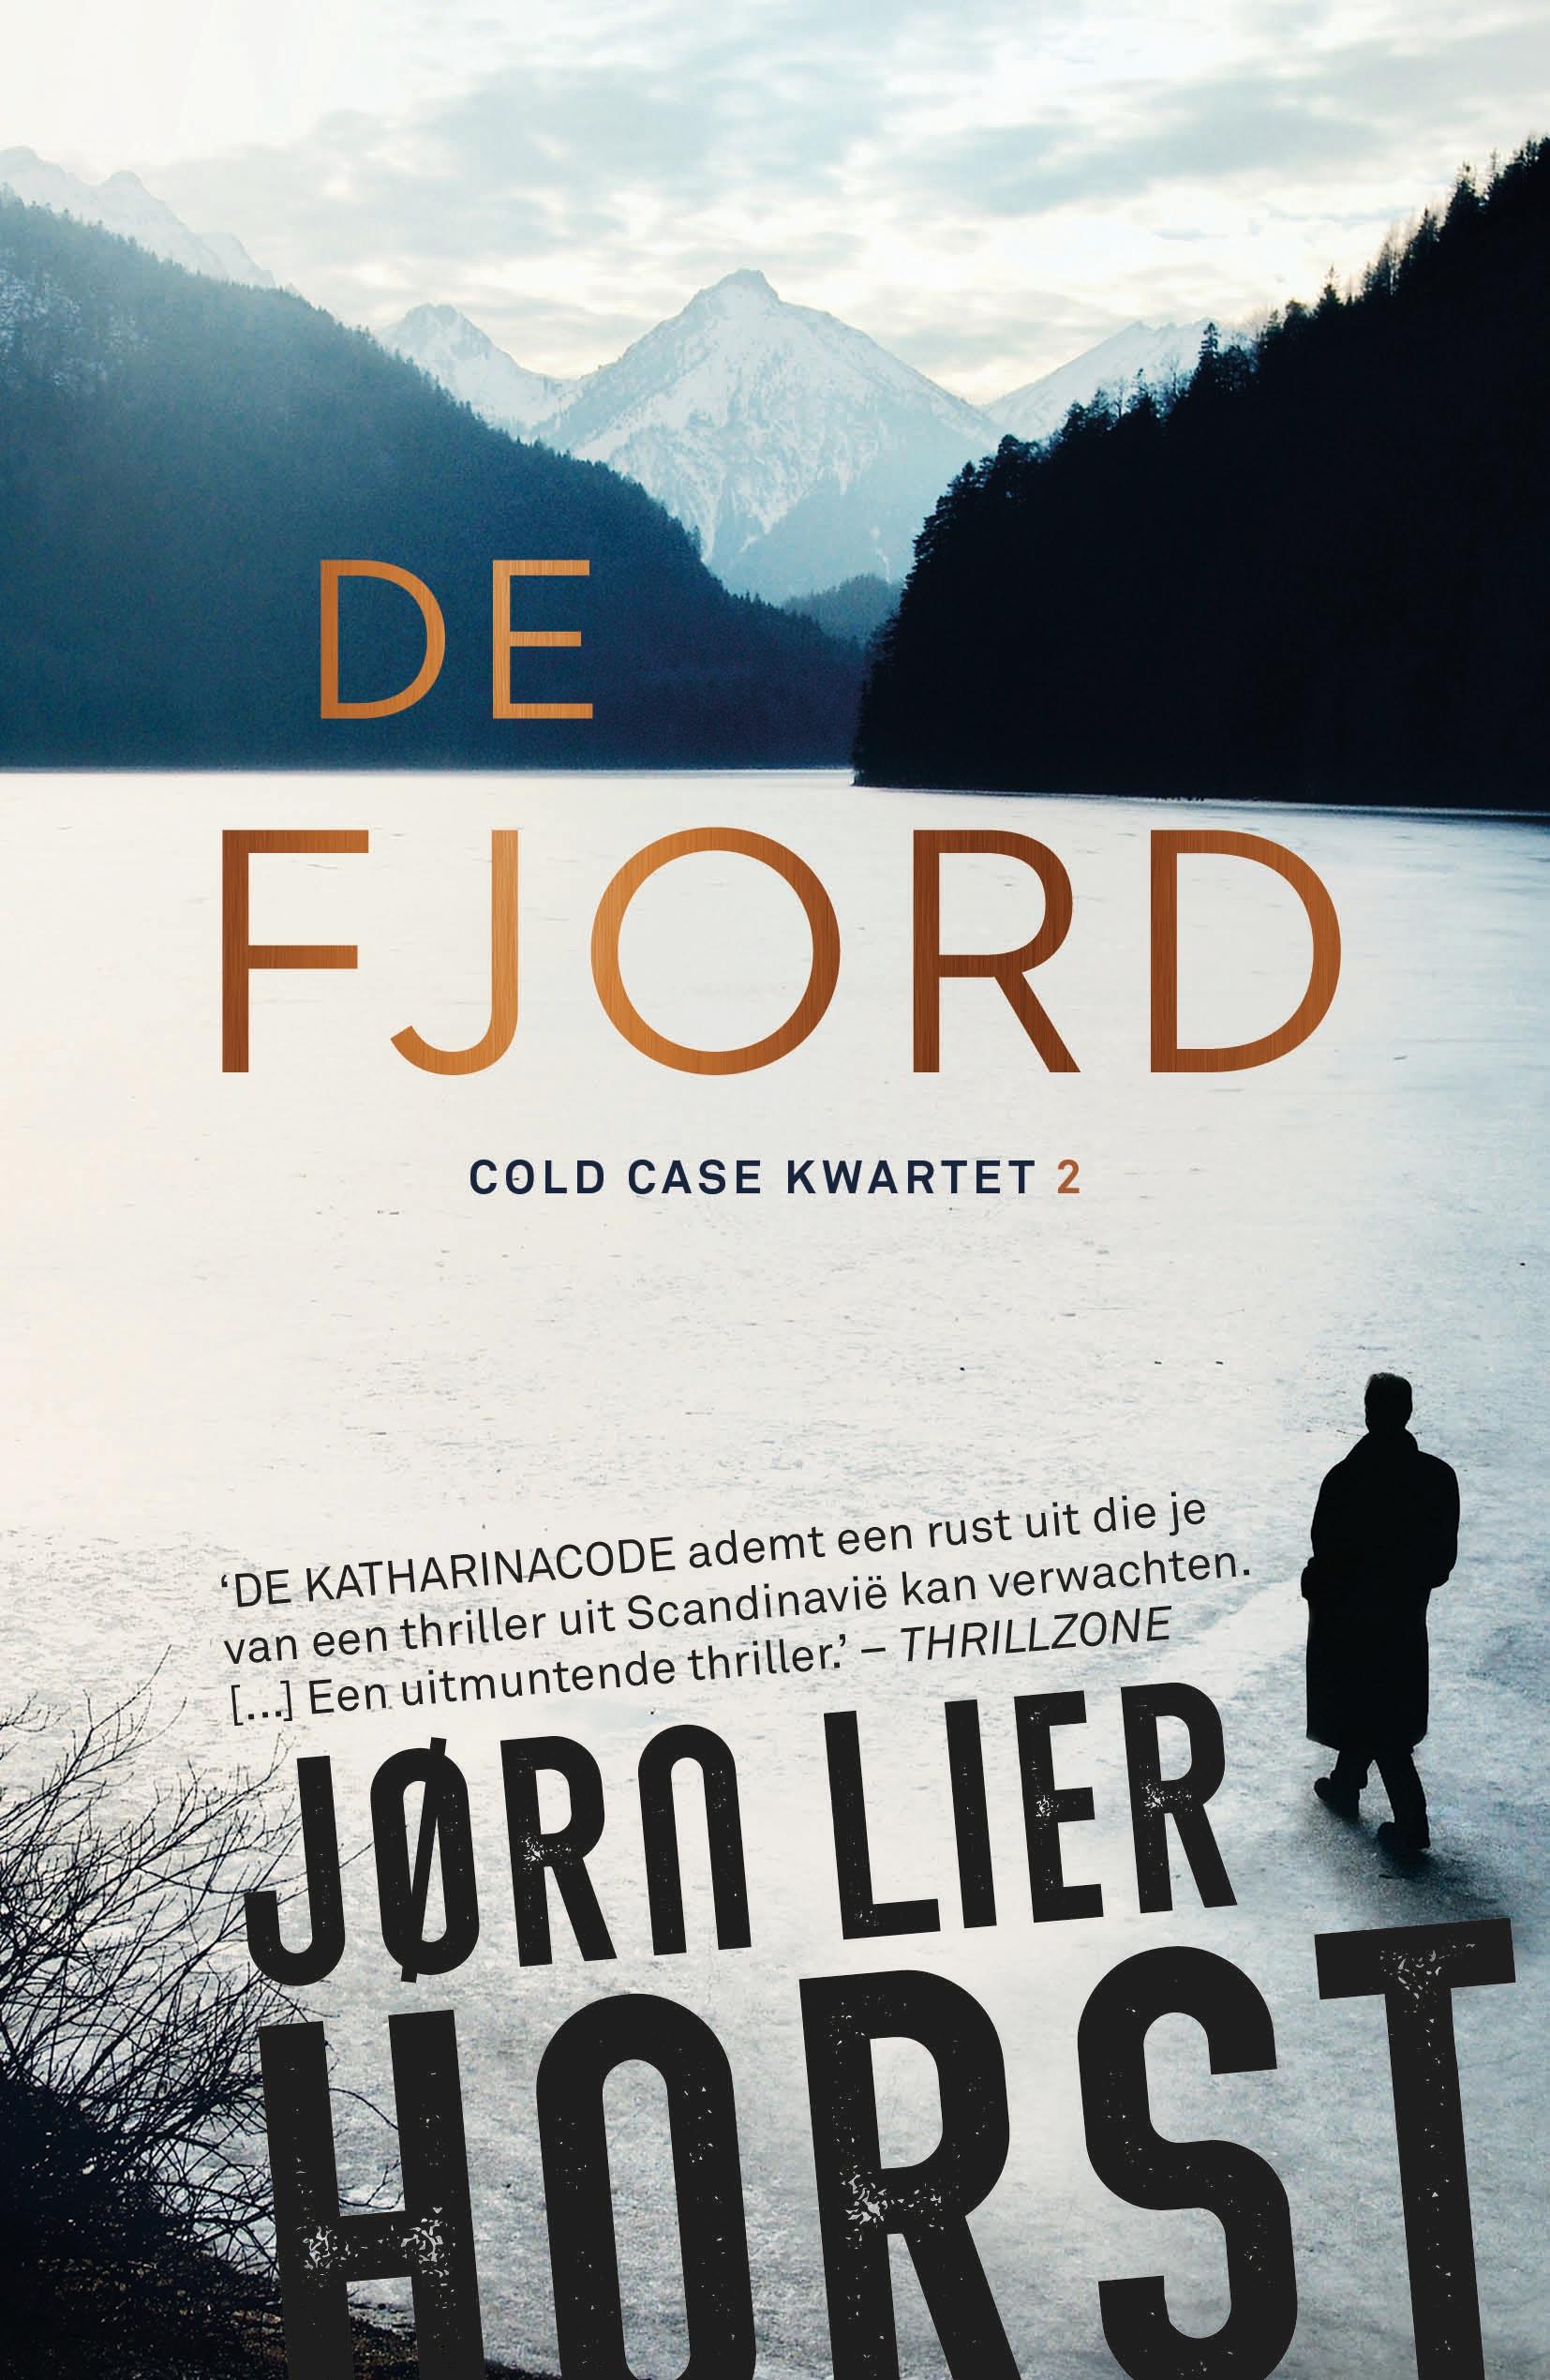 De fjord - boekenflits